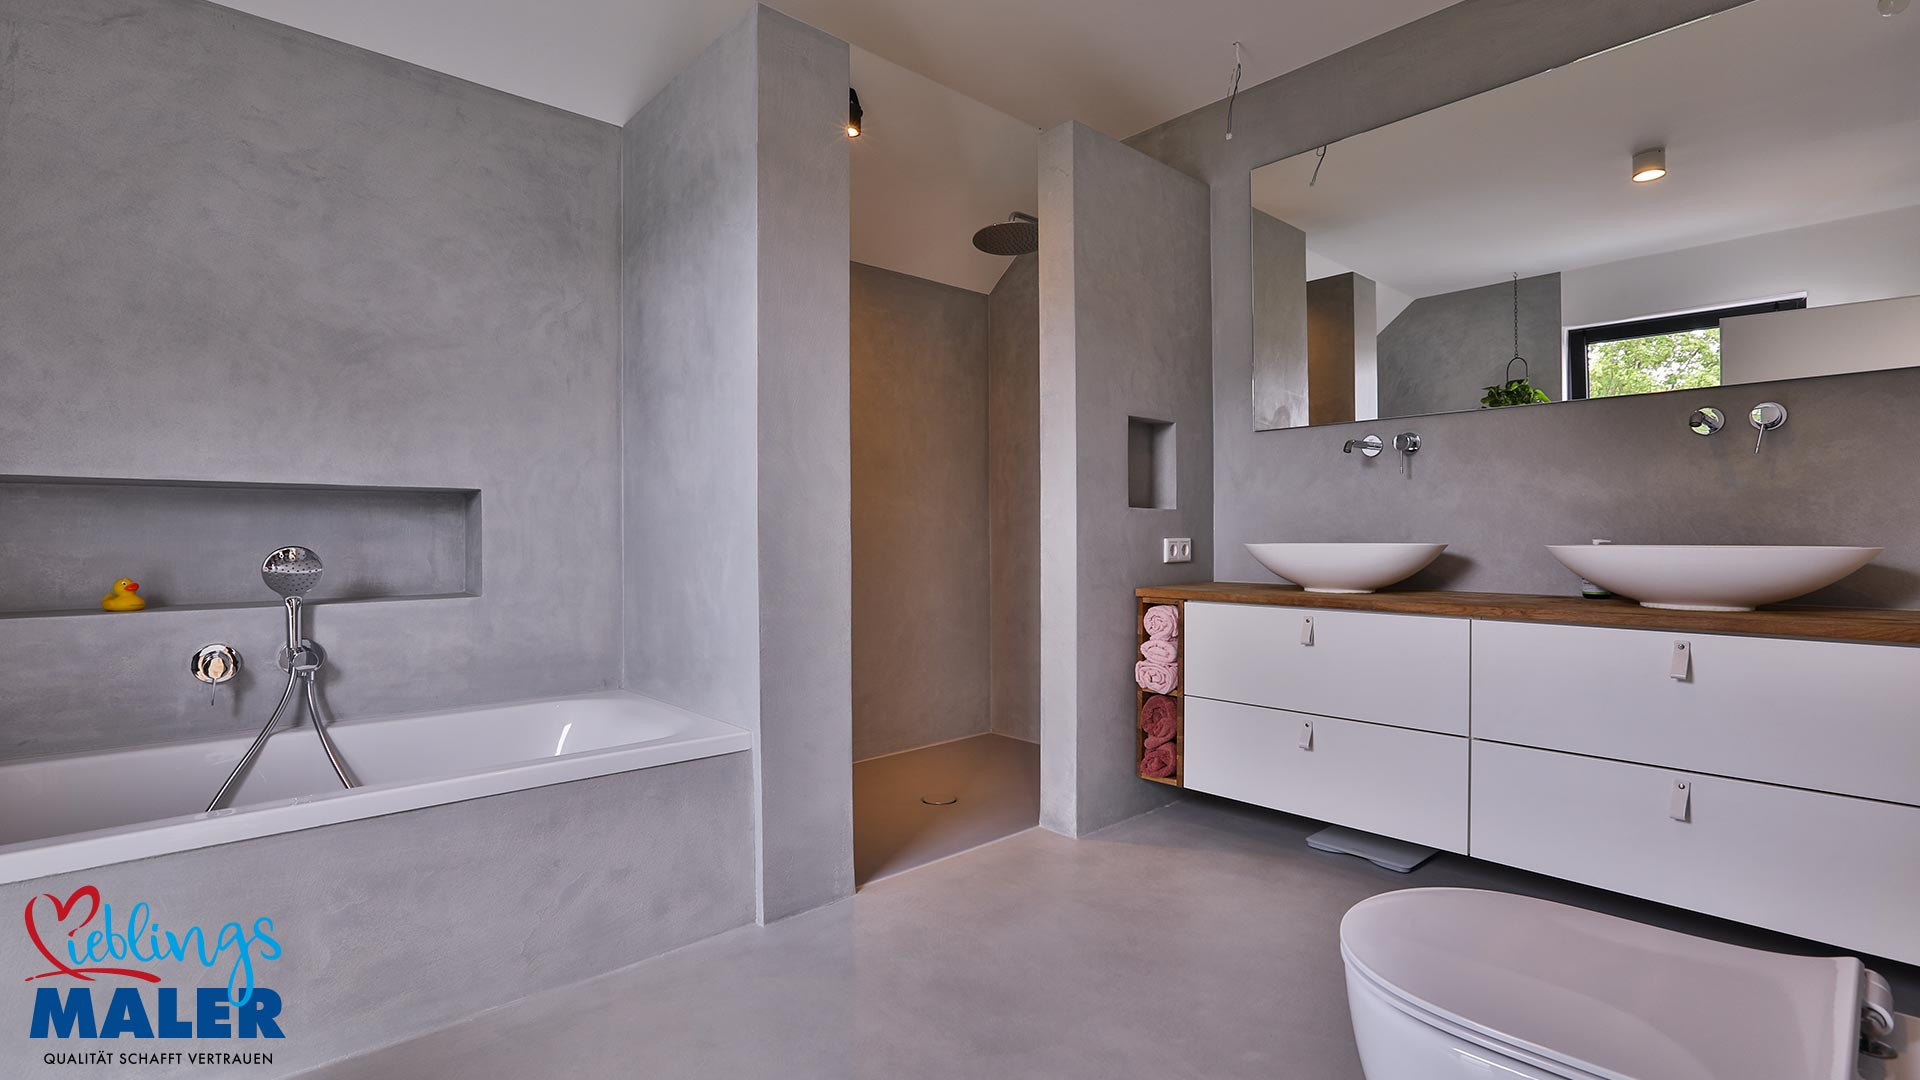 Ein neues Bad – Wände, Boden und Dusche fugenlos in Betonoptik ...